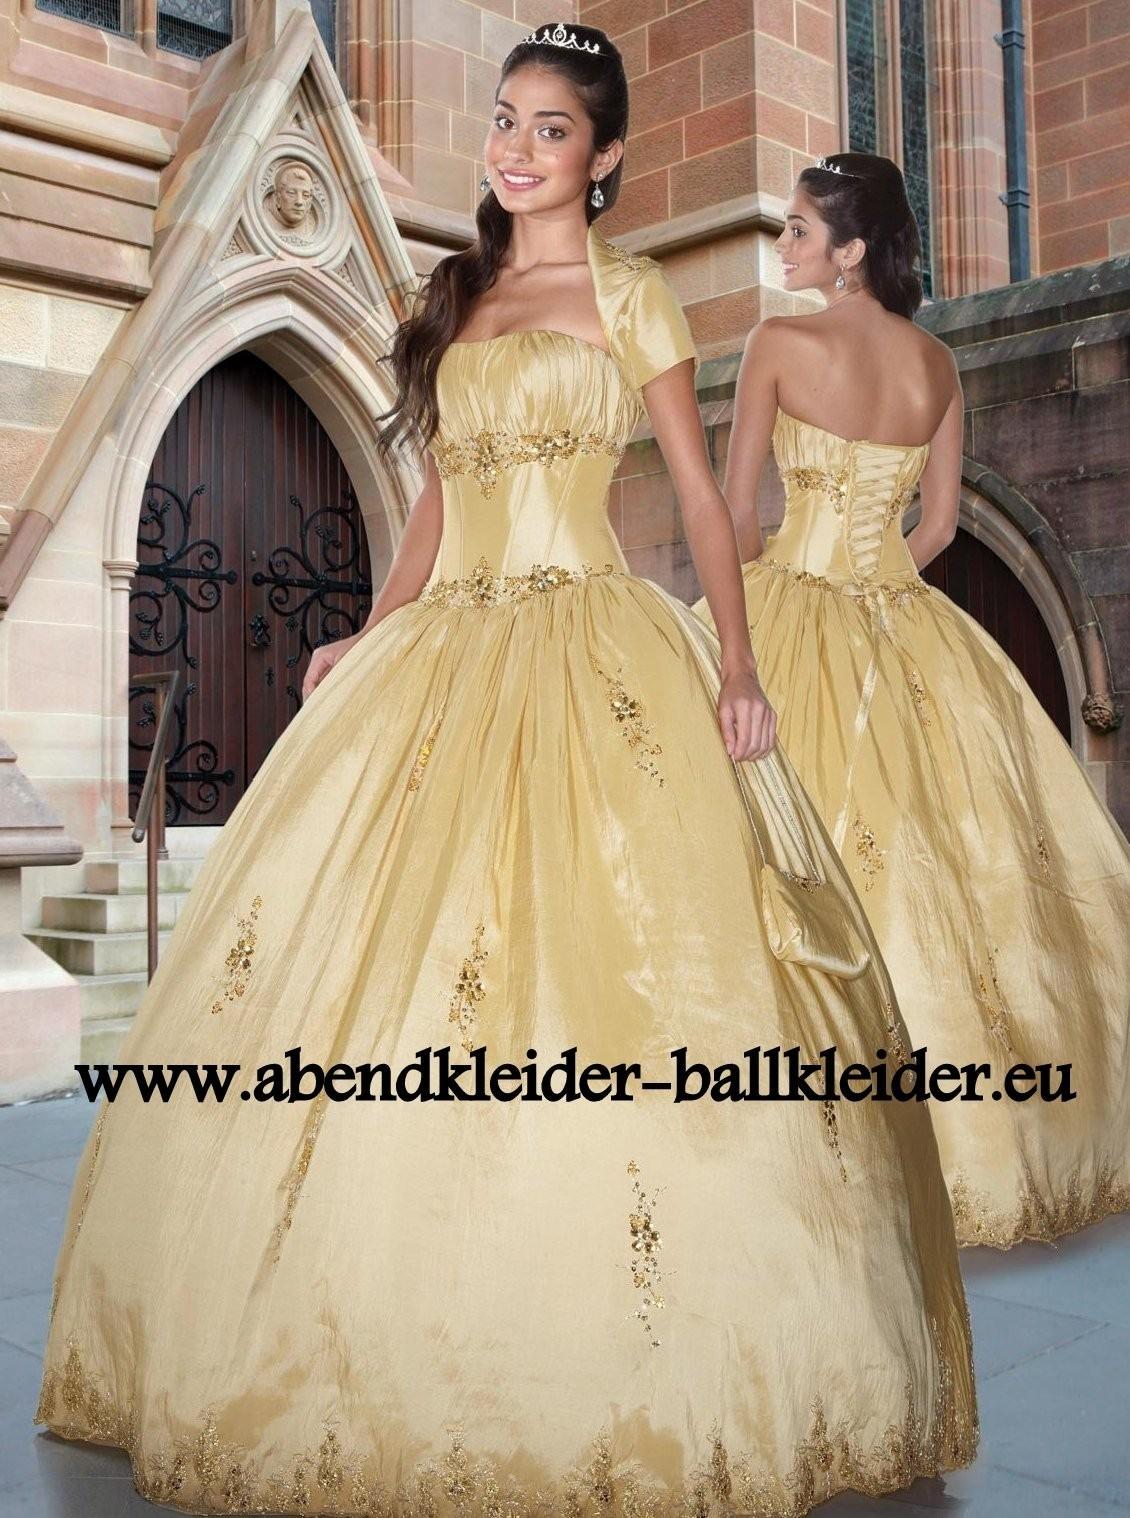 Designer Ausgezeichnet Kleider Für Abend DesignAbend Wunderbar Kleider Für Abend Design